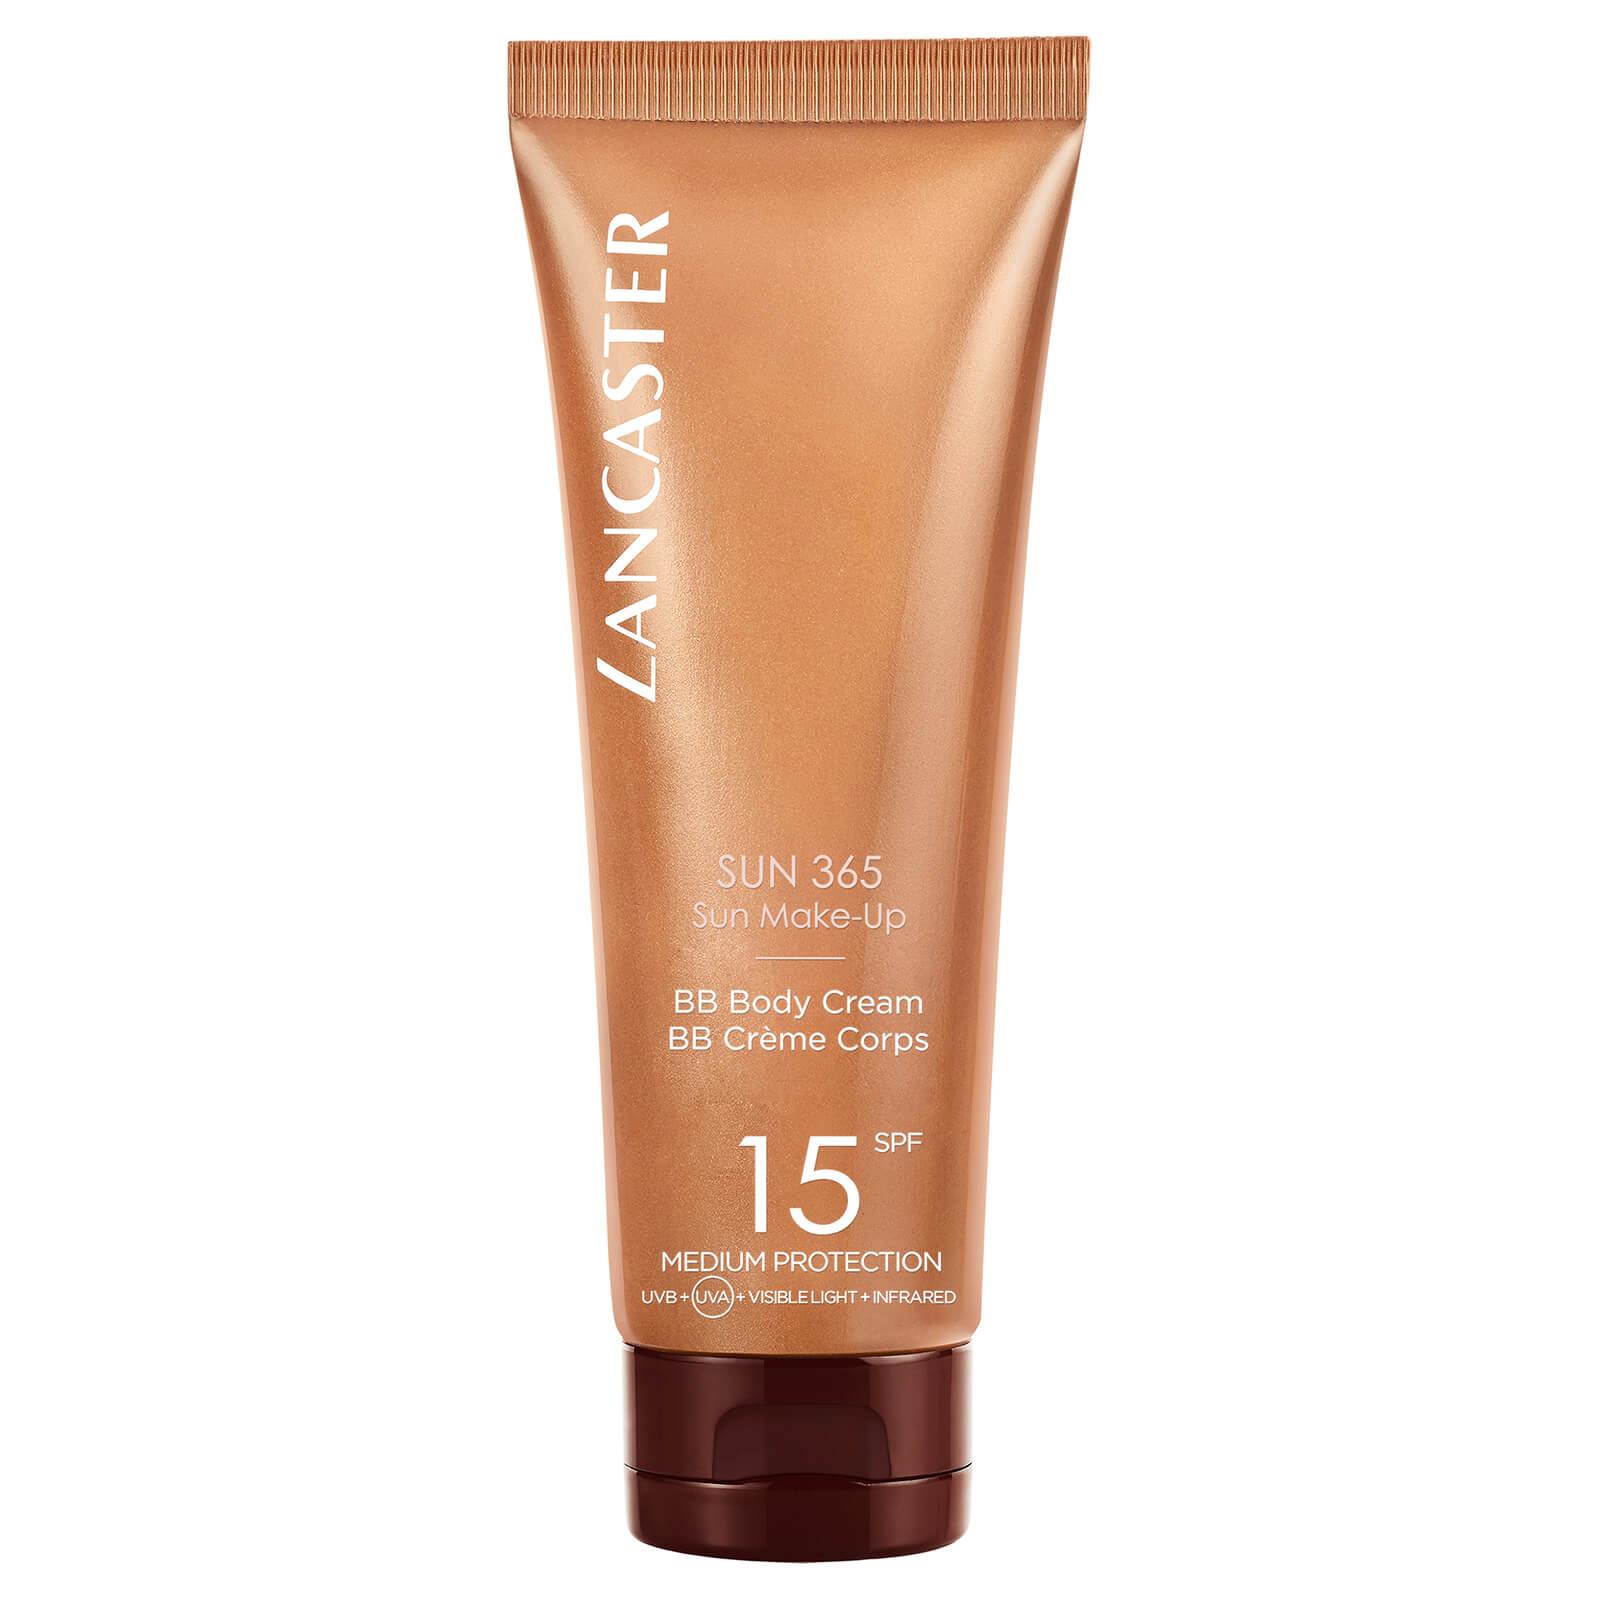 Купить Солнцезащитный BB-крем-активатор загара для тела Lancaster 365 Sun BB Body Cream SPF15 Instant Natural Glow 125 мл